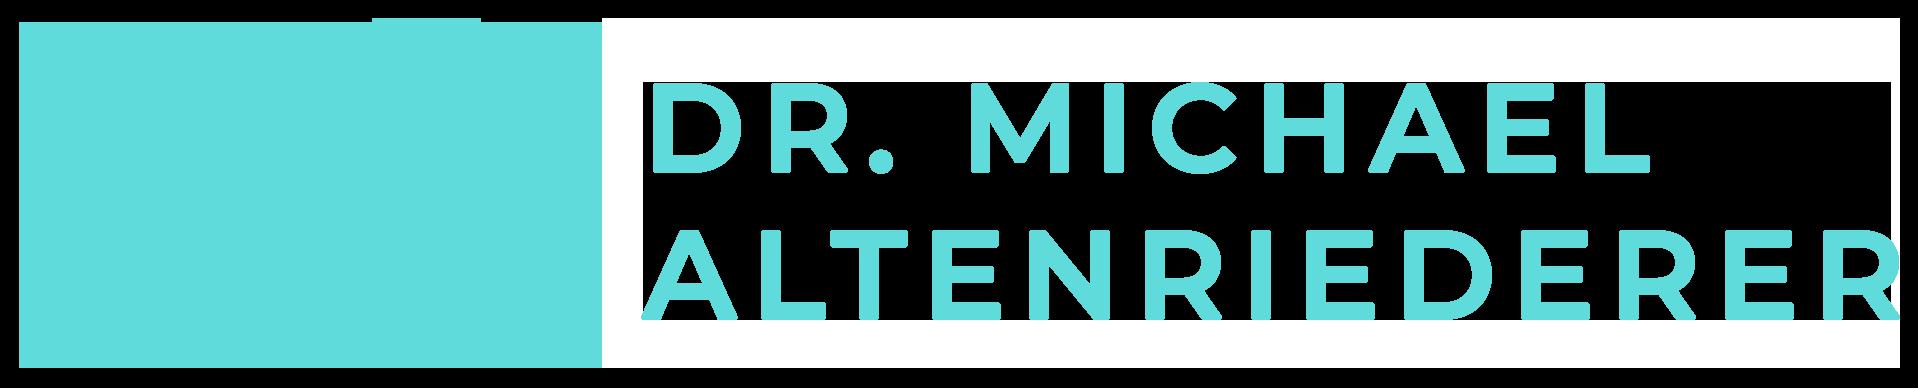 DR. MICHAEL ALTENRIEDERER